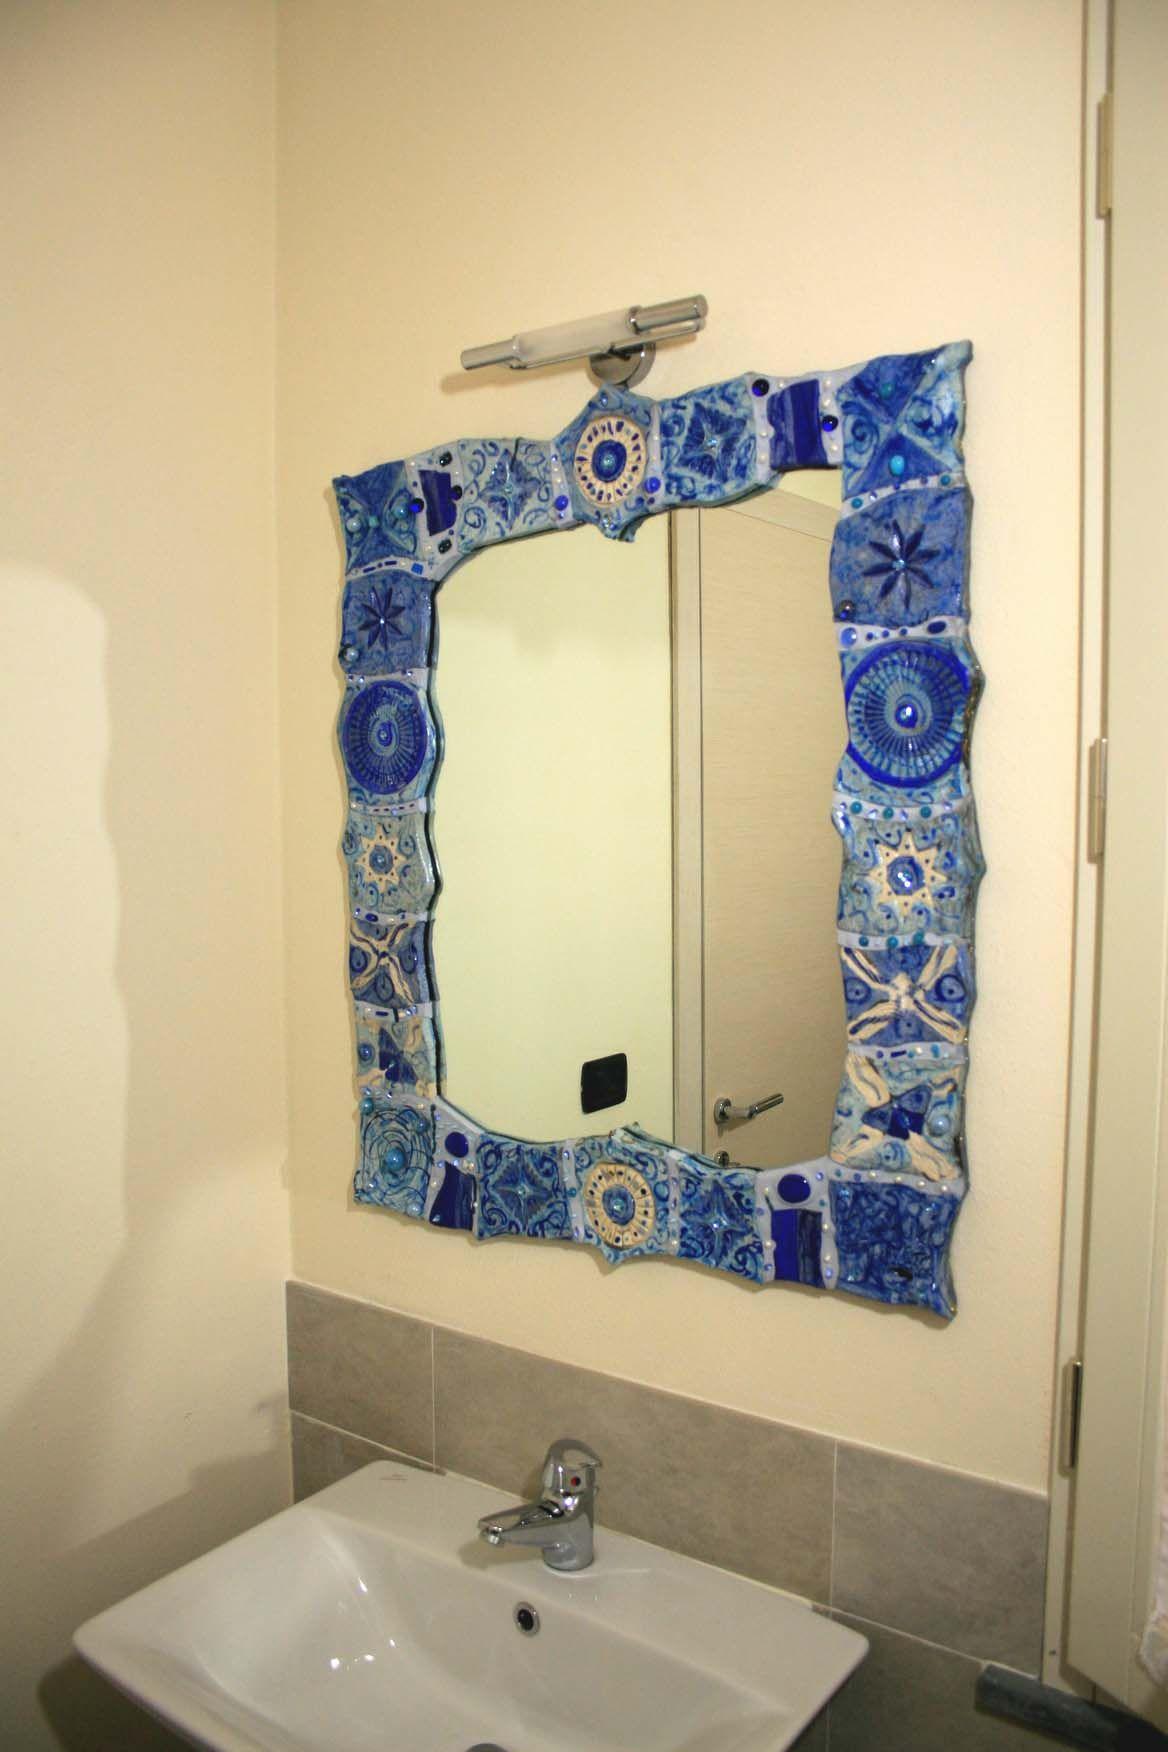 Specchi incantevoli, pezzi unici, creati in ceramica raku, con ...